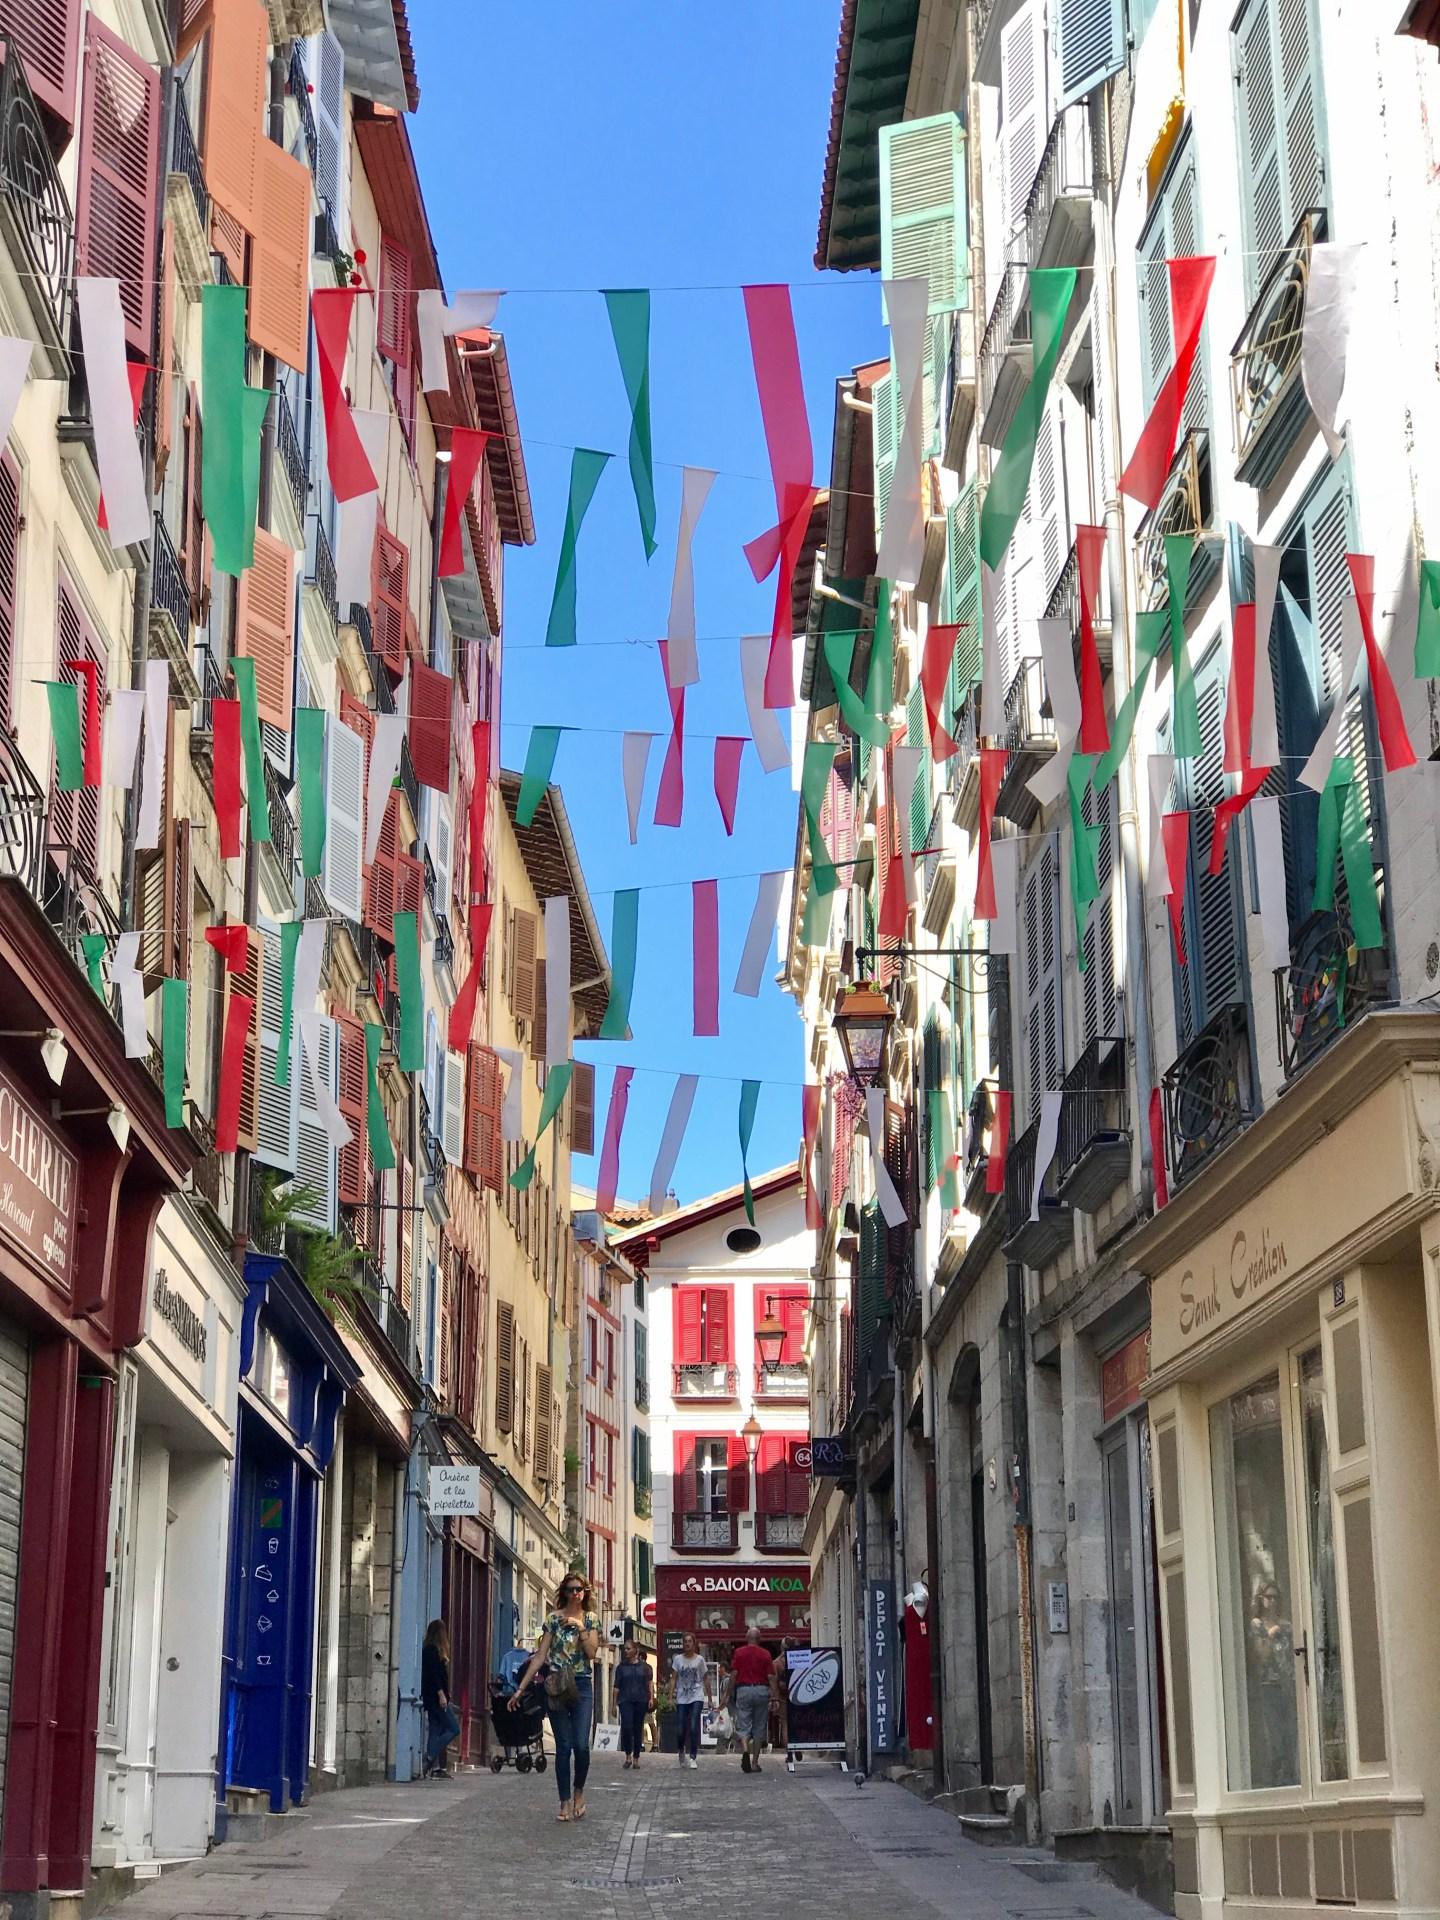 visiter bayonne rue de port de Bertacq